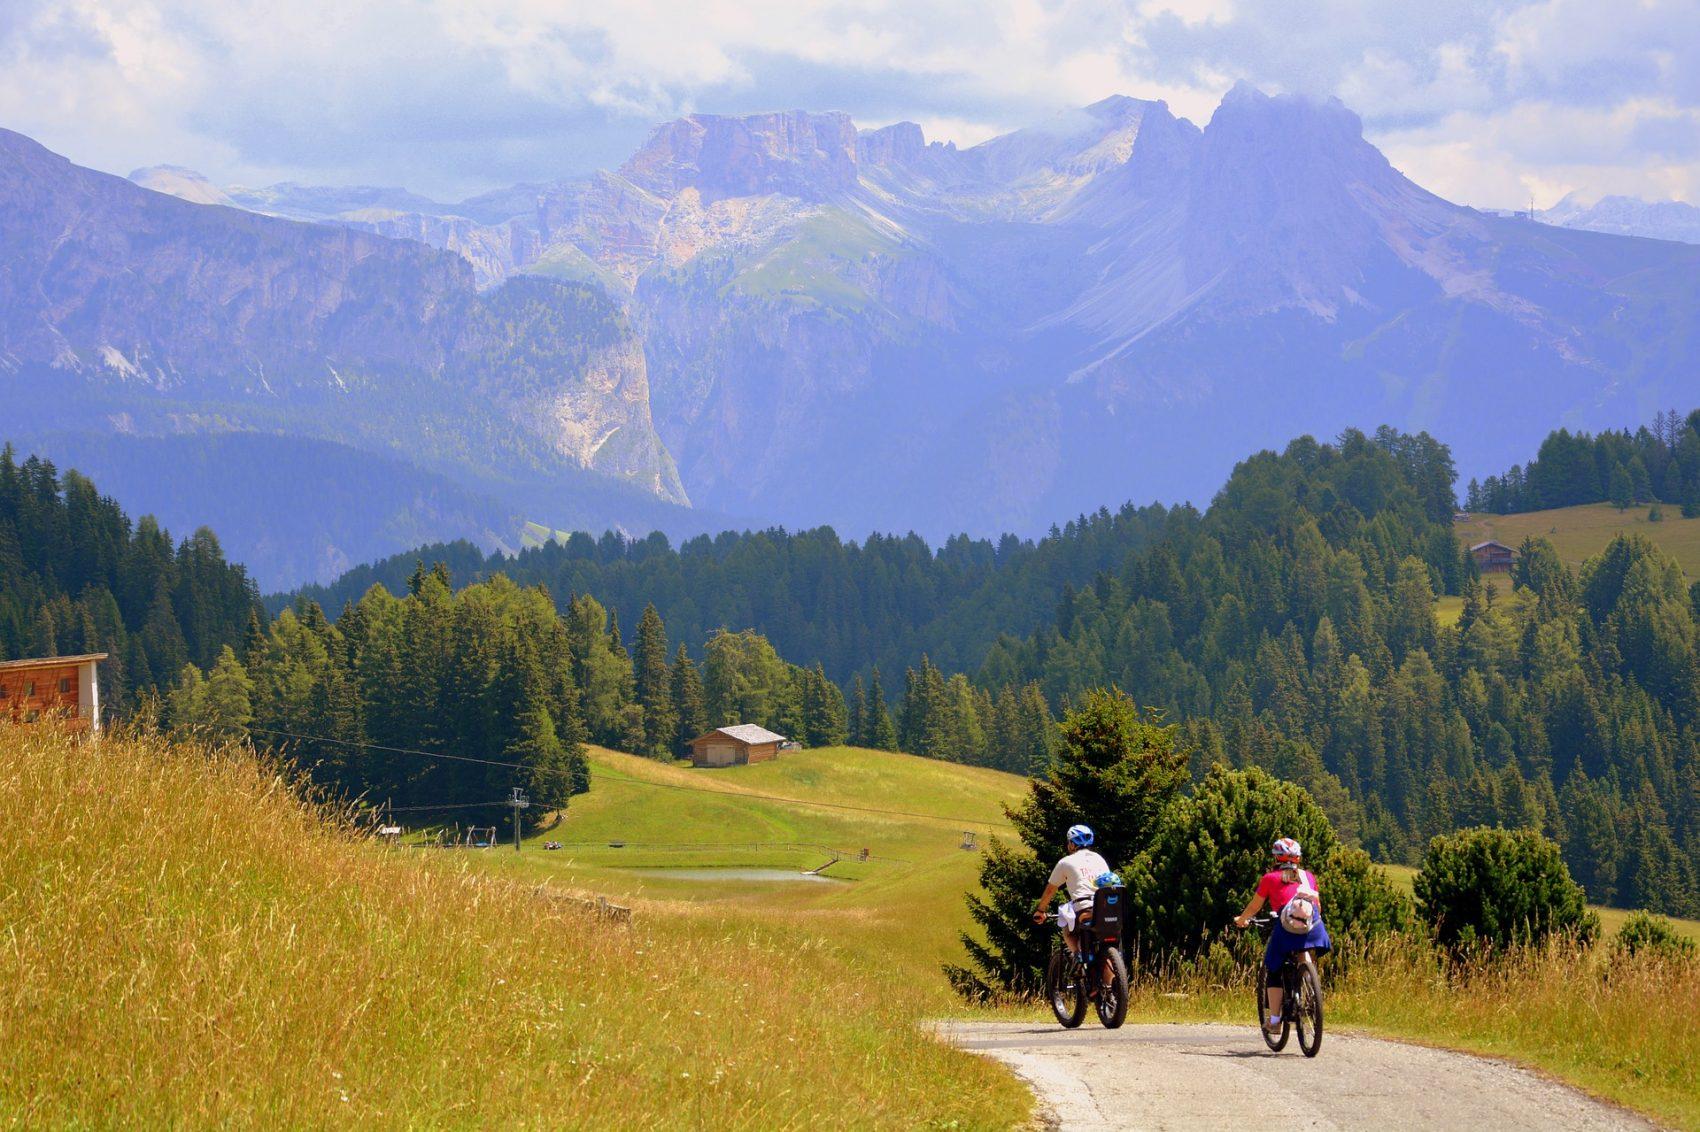 Radreisen in Italien: eine neue Art, das Land zu erleben